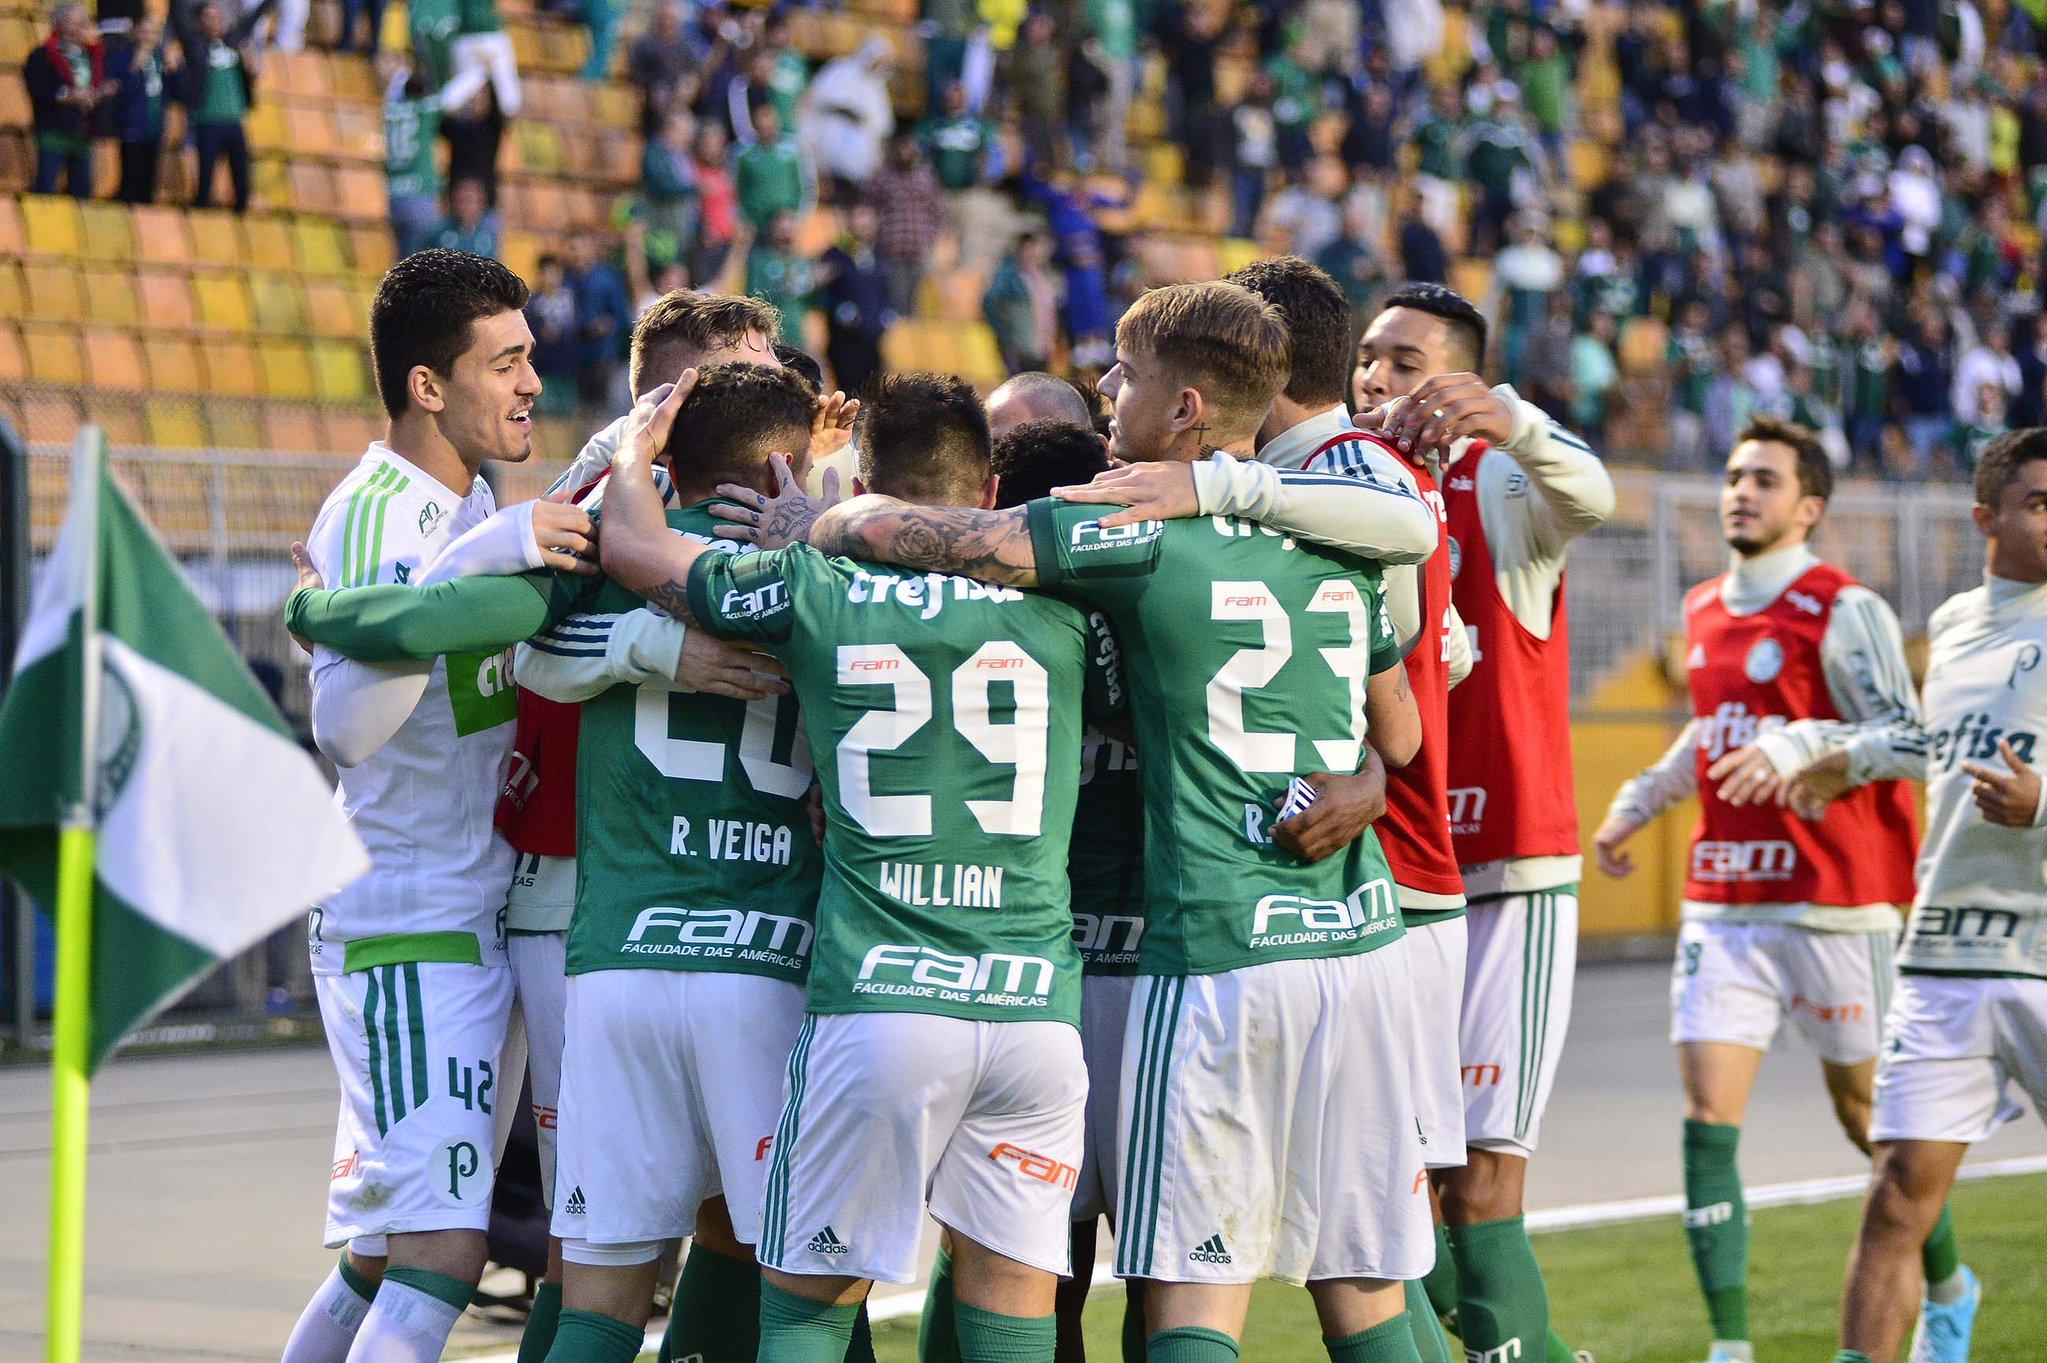 noticia Palmeiras vence mais uma e segue embalado no Brasileirão